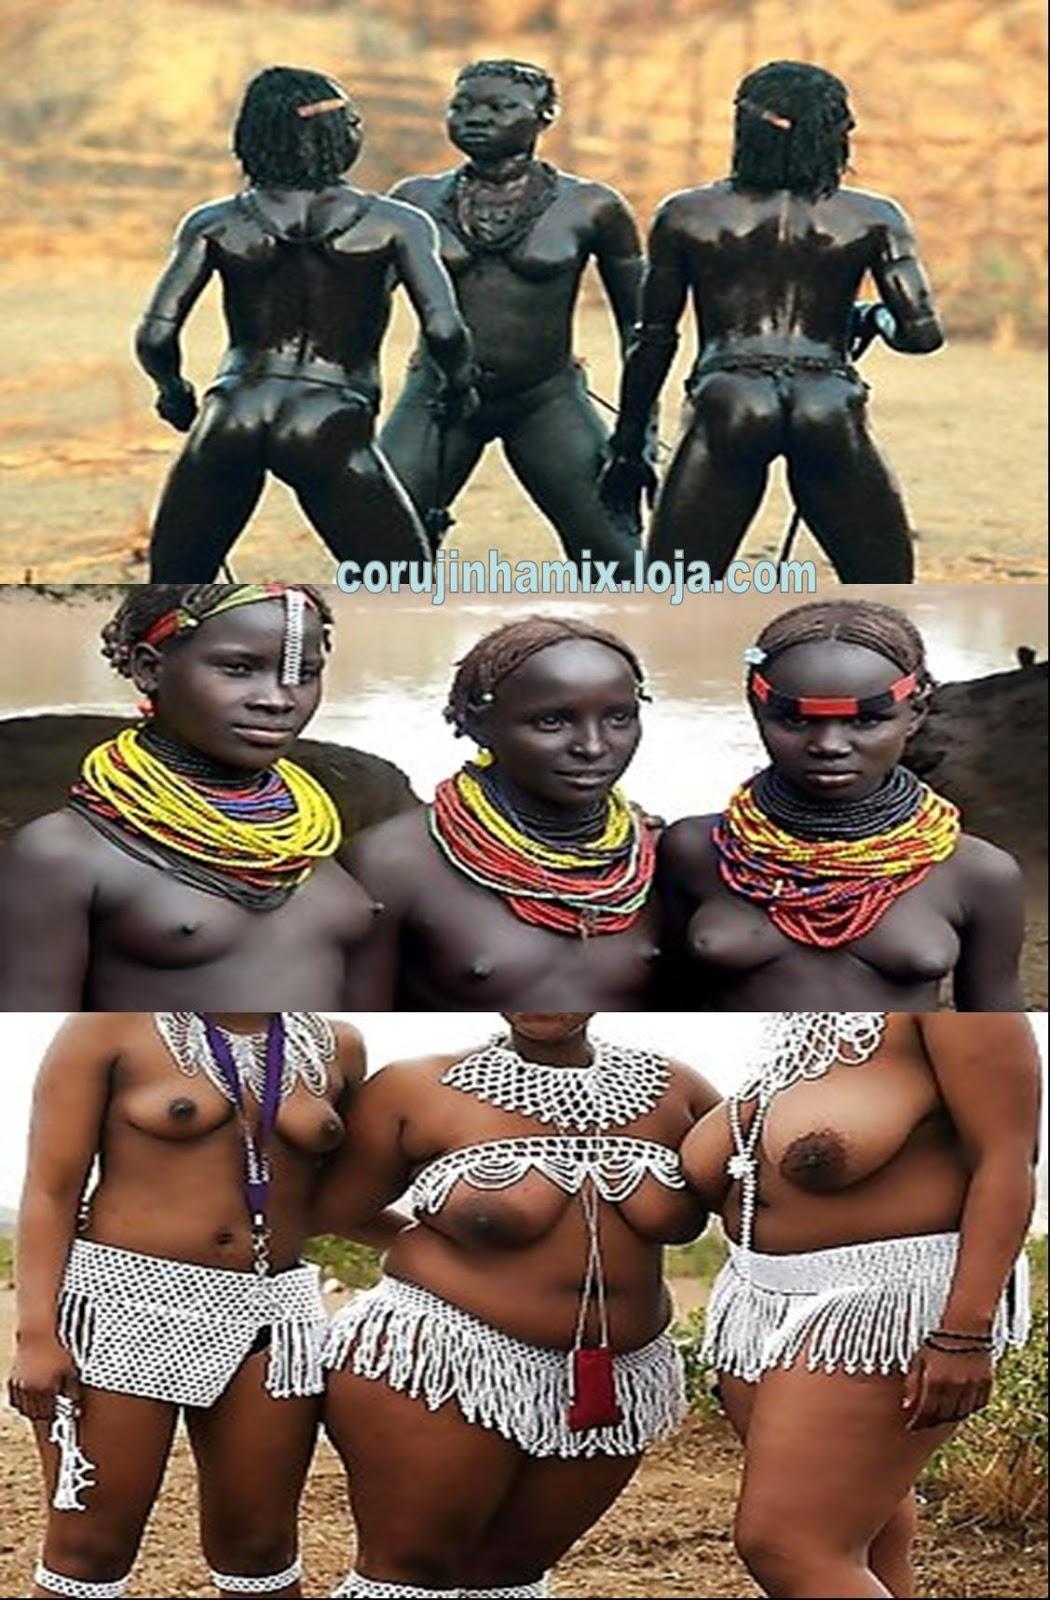 Sao Africanas Legitimas Em Acao Uma Beleza Eotica